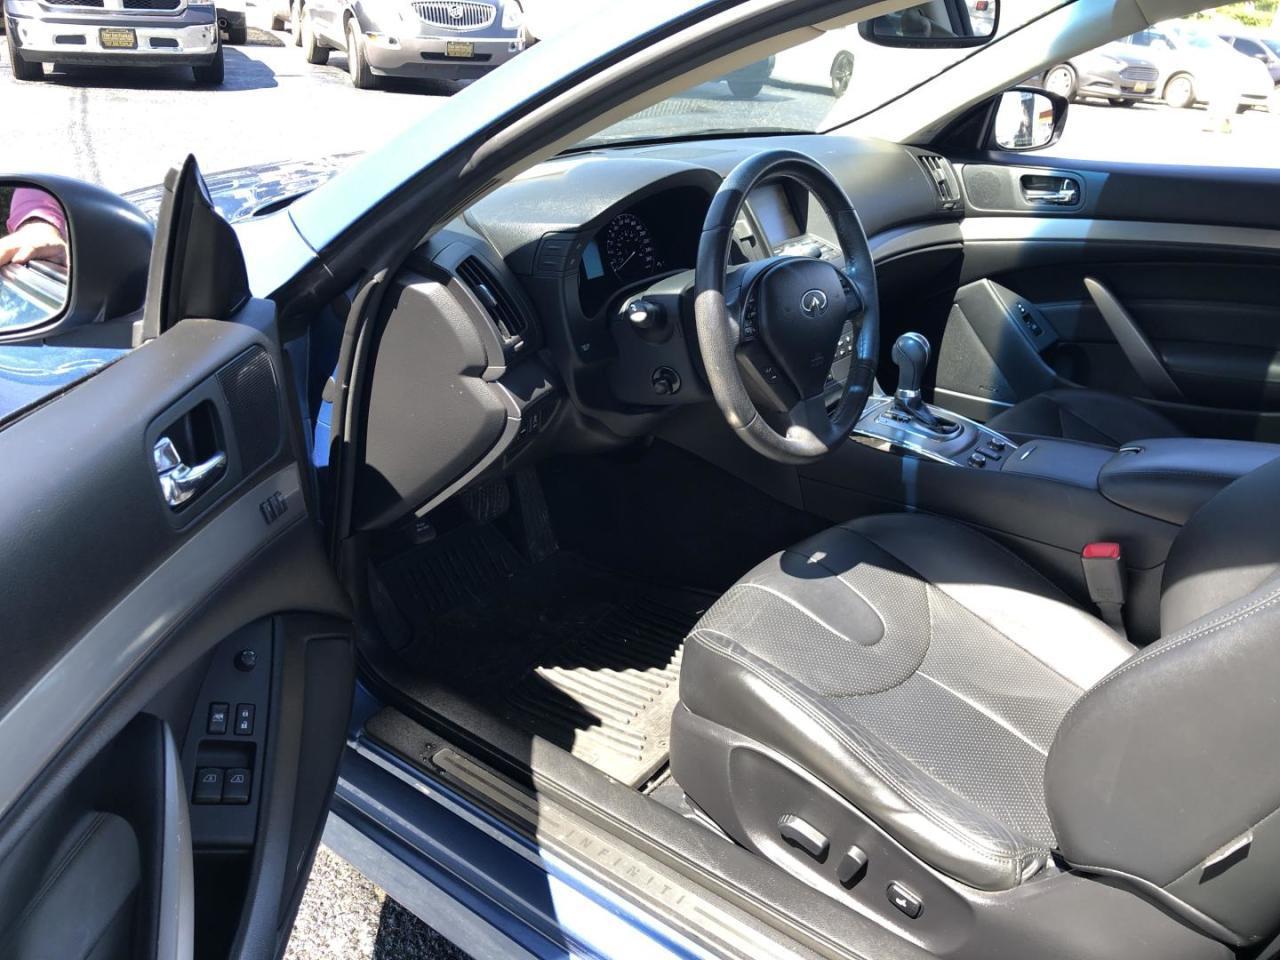 2012 Infiniti G Coupe